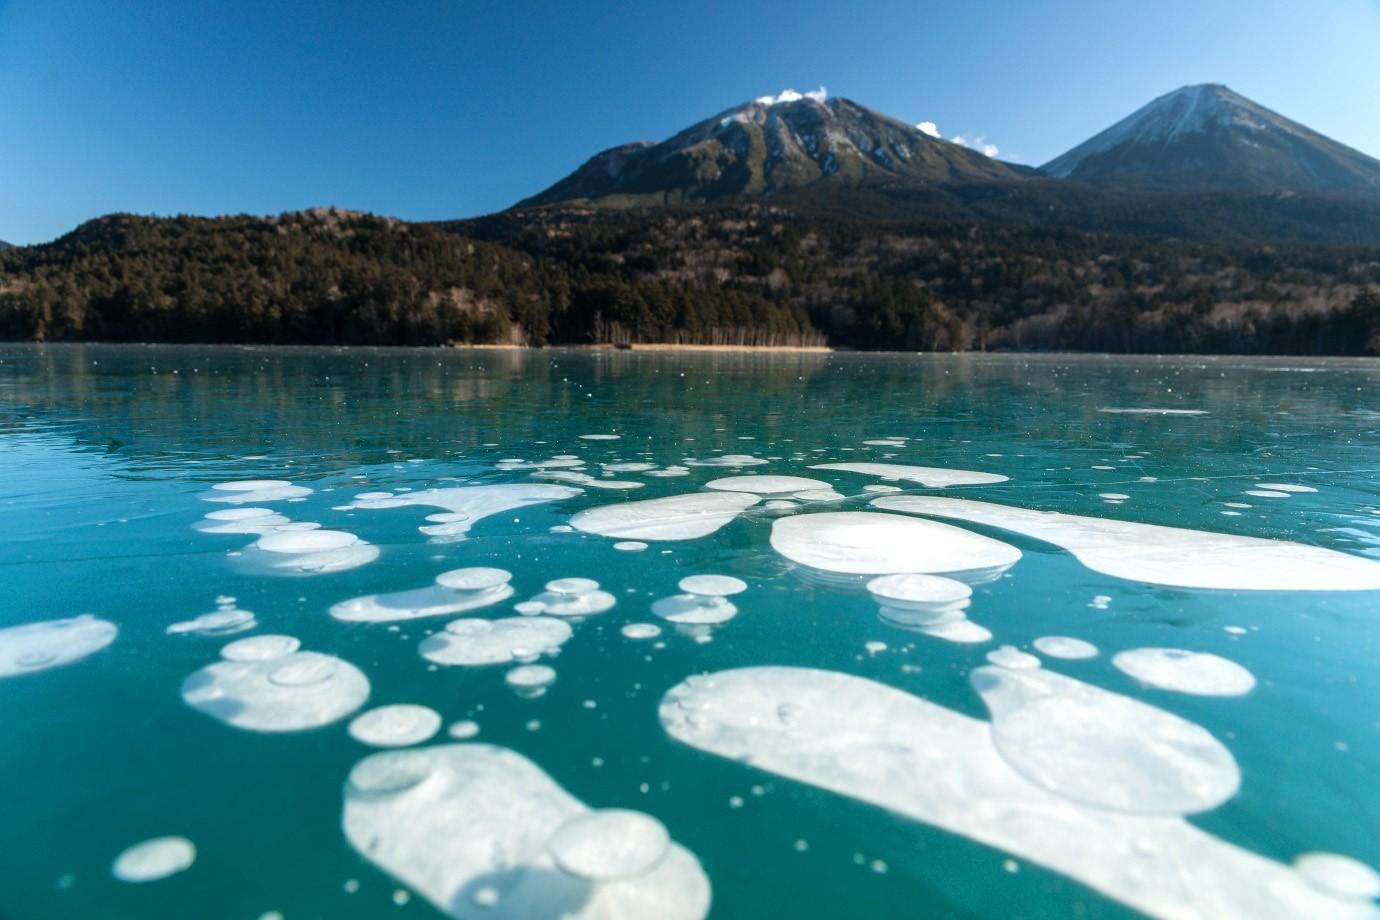 オンネトーの氷・白と緑のコントラスト